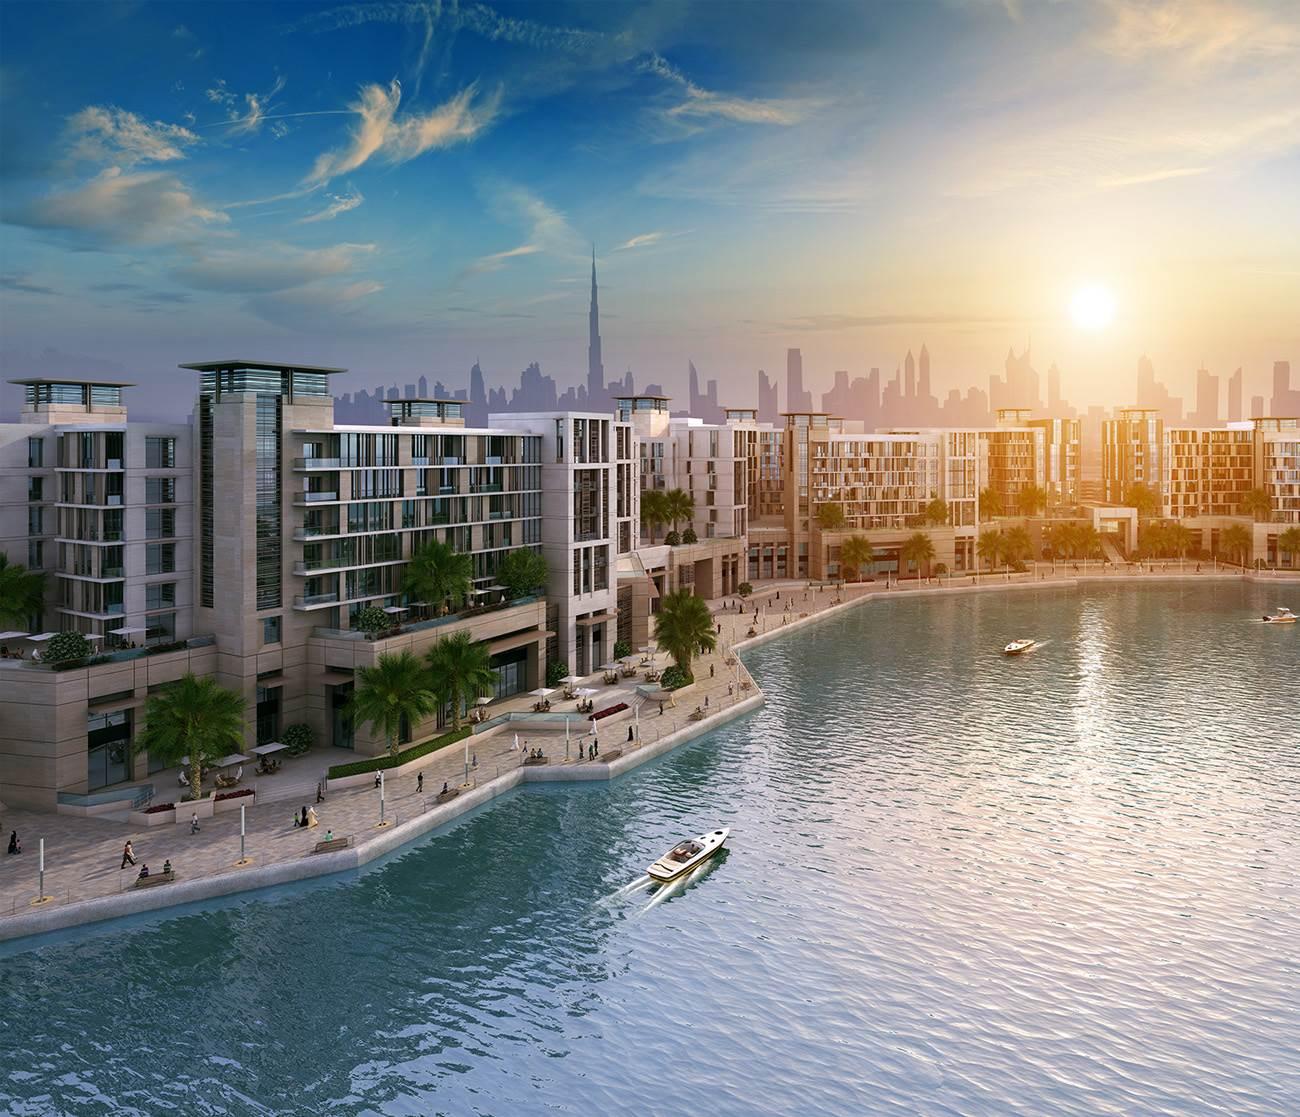 دبي وورف بواجهة مائية